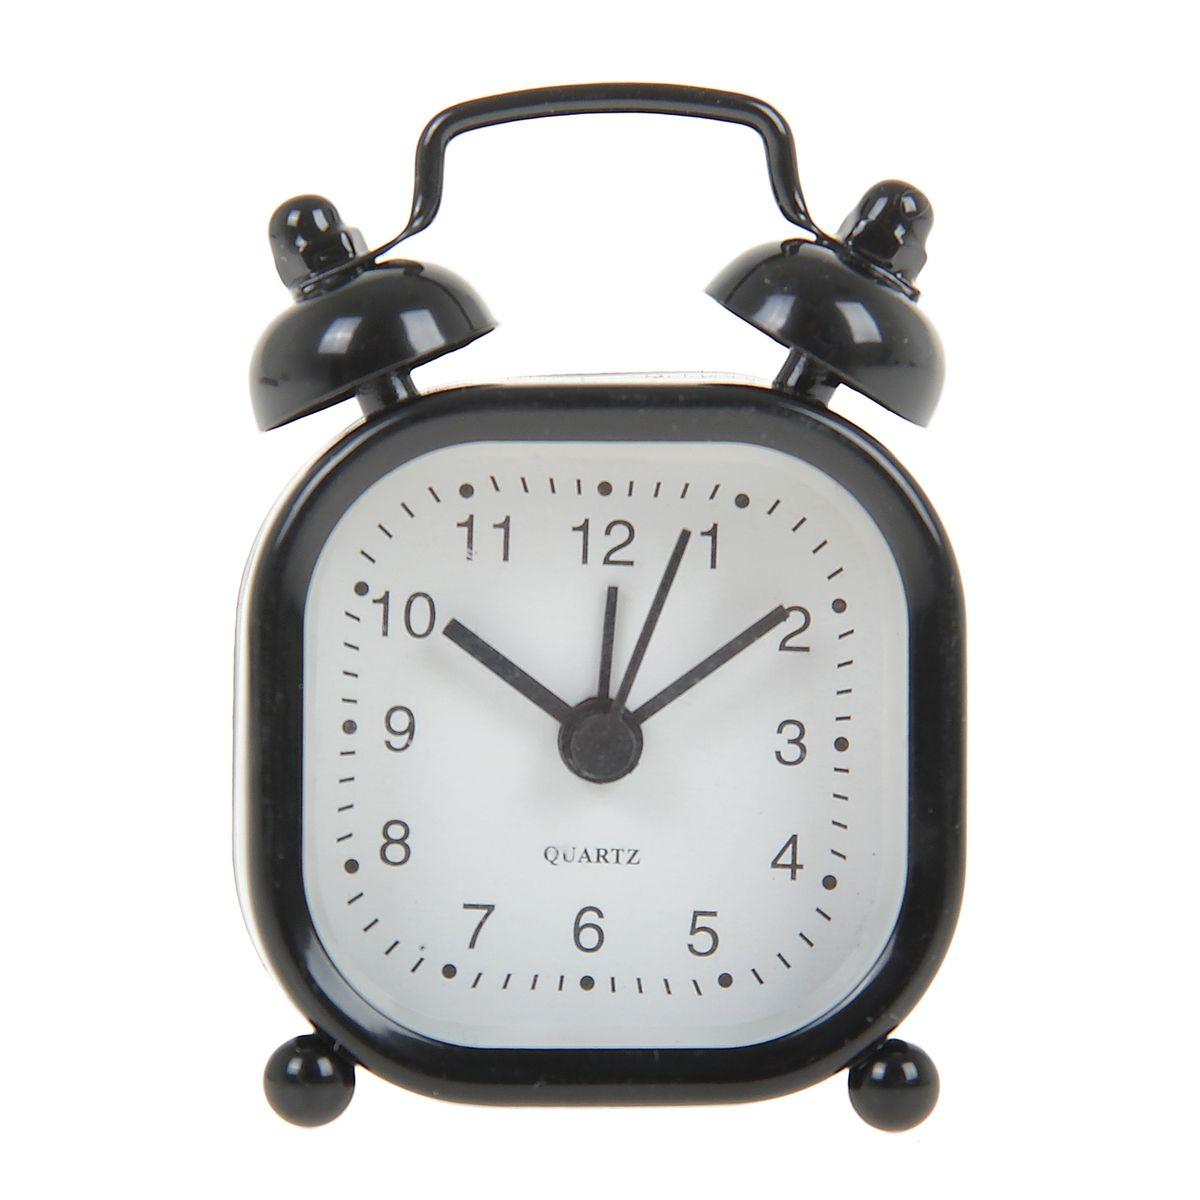 Часы-будильник Sima-land, цвет: черный. 840950VT-6606(BK)Как же сложно иногда вставать вовремя! Всегда так хочется поспать еще хотя бы 5 минут и бывает, что мы просыпаем. Теперь этого не случится! Яркий, оригинальный будильник Sima-land поможет вам всегда вставать в нужное время и успевать везде и всюду. Будильник украсит вашу комнату и приведет в восхищение друзей. Эта уменьшенная версия привычного будильника умещается на ладони и работает так же громко, как и привычные аналоги. Время показывает точно и будит в установленный час.На задней панели будильника расположены переключатель включения/выключения механизма, а также два колесика для настройки текущего времени и времени звонка будильника.Будильник работает от 1 батарейки типа LR44 (входит в комплект).